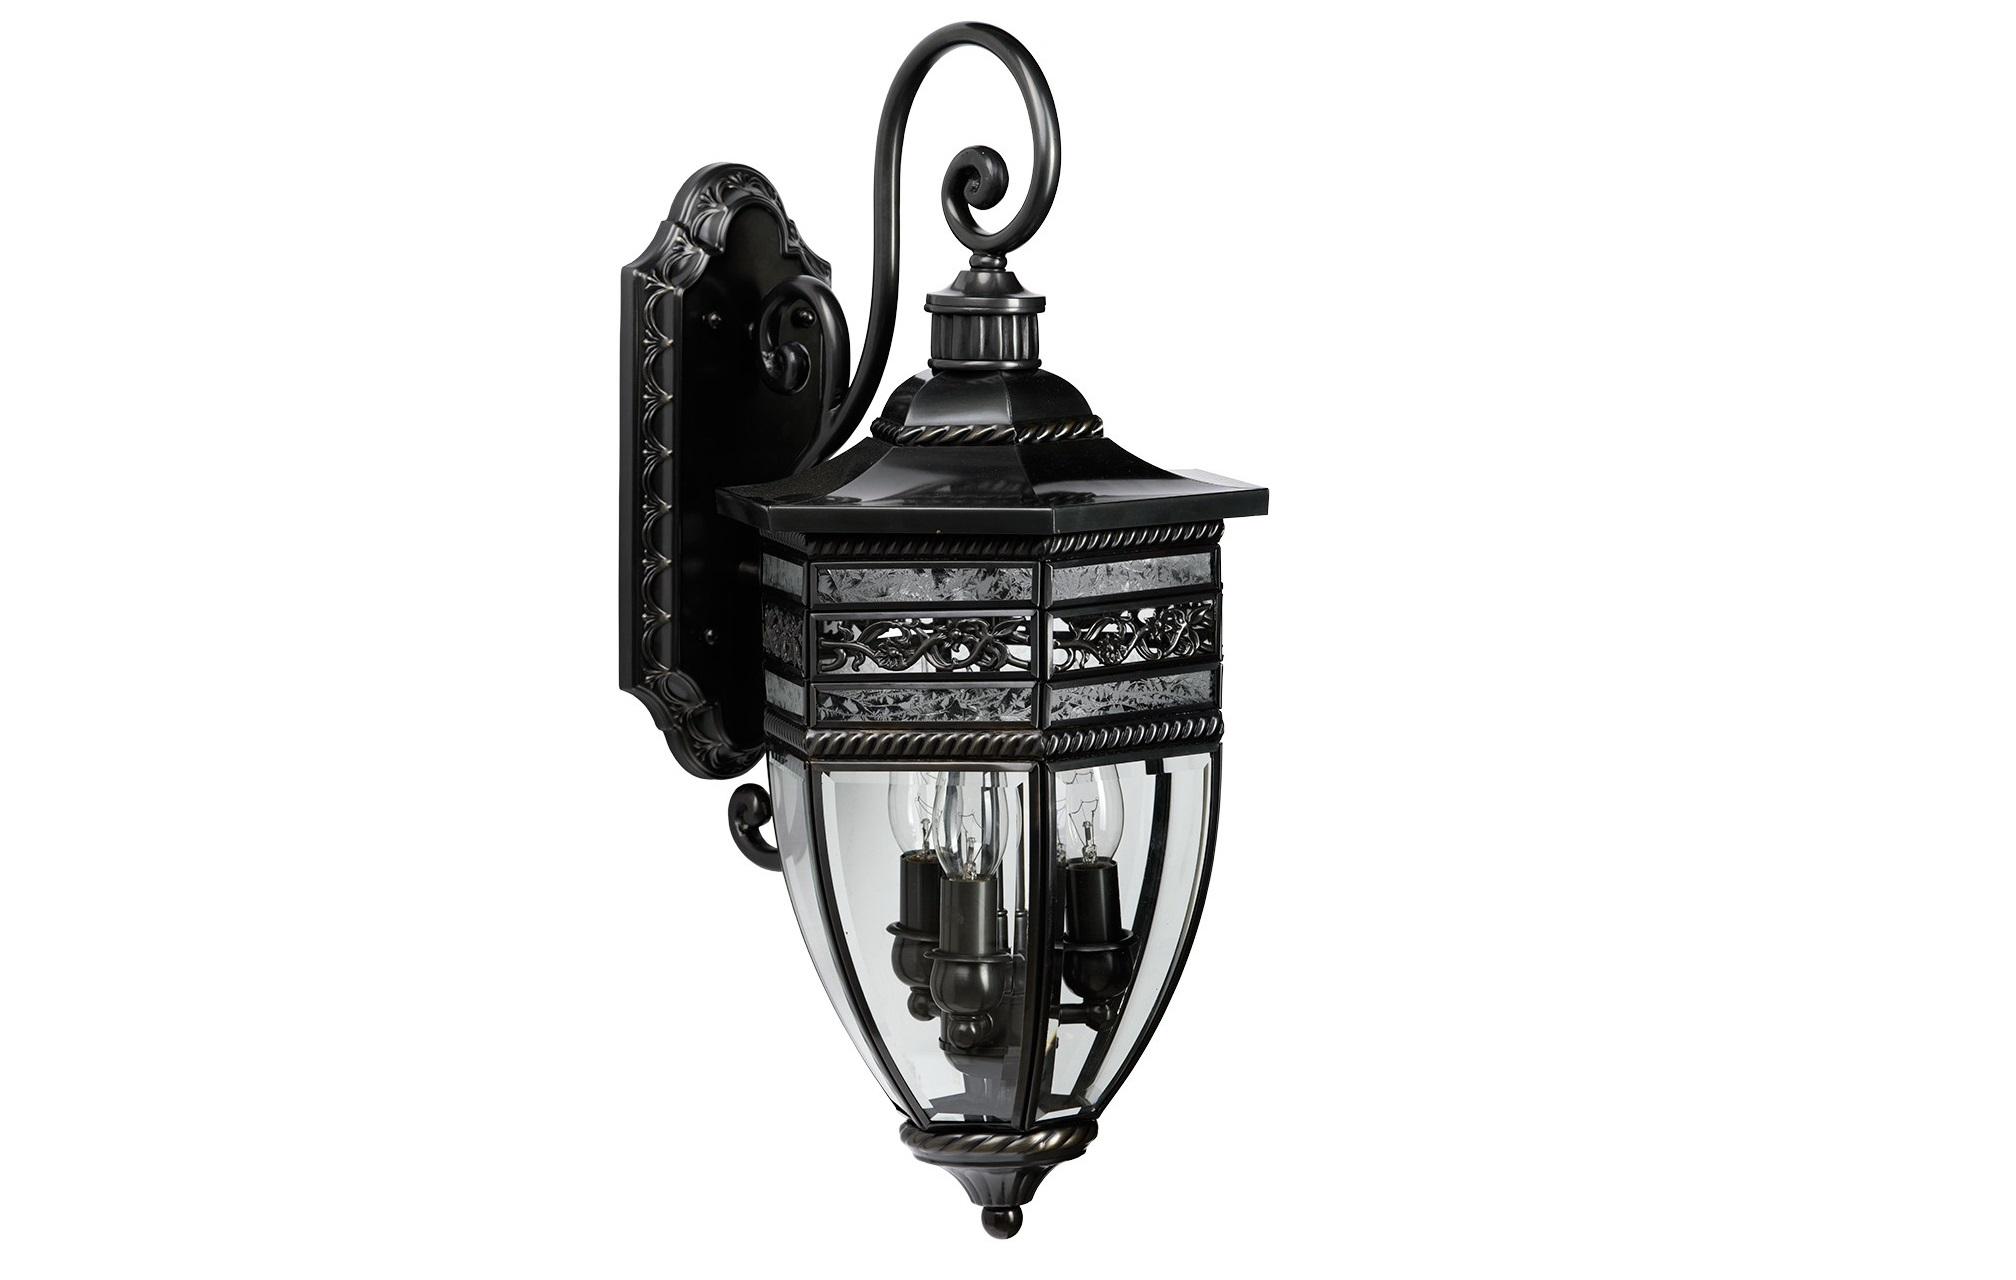 Уличный светильник КорсоУличные настенные светильники<br>&amp;lt;div&amp;gt;Эффектные светильники из коллекции Корсо с высокой IP-защитой можно использовать как в интерьерах, так и на открытом воздухе. Такой светильник отлично впишется в убранство загородного дома и &amp;amp;nbsp;прилегающей территории. Надёжный корпус сделан из чернёной латуни, оформлен декором с растительным орнаментом, защищен закаленным стеклом . Рекомендуемая площадь зоны освещения светильника Корсо составляет &amp;amp;nbsp;до 9 кв.м.&amp;lt;/div&amp;gt;&amp;lt;div&amp;gt;Основание из черной латуни, стеклянный плафон, декоративные элементы из латуни.&amp;lt;/div&amp;gt;&amp;lt;div&amp;gt;&amp;lt;br&amp;gt;&amp;lt;/div&amp;gt;&amp;lt;div&amp;gt;Мощность 3*60W&amp;lt;/div&amp;gt;&amp;lt;div&amp;gt;Цоколь &amp;amp;nbsp;E14&amp;lt;/div&amp;gt;&amp;lt;div&amp;gt;&amp;lt;span style=&amp;quot;line-height: 1.78571;&amp;quot;&amp;gt;Степень защиты светильников от<br>пыли и влаги&amp;lt;/span&amp;gt;&amp;lt;span style=&amp;quot;line-height: 1.78571;&amp;quot;&amp;gt;&amp;amp;nbsp;IP44&amp;lt;/span&amp;gt;&amp;lt;/div&amp;gt;<br><br>Material: Латунь<br>Length см: None<br>Width см: 27<br>Depth см: 30<br>Height см: 58